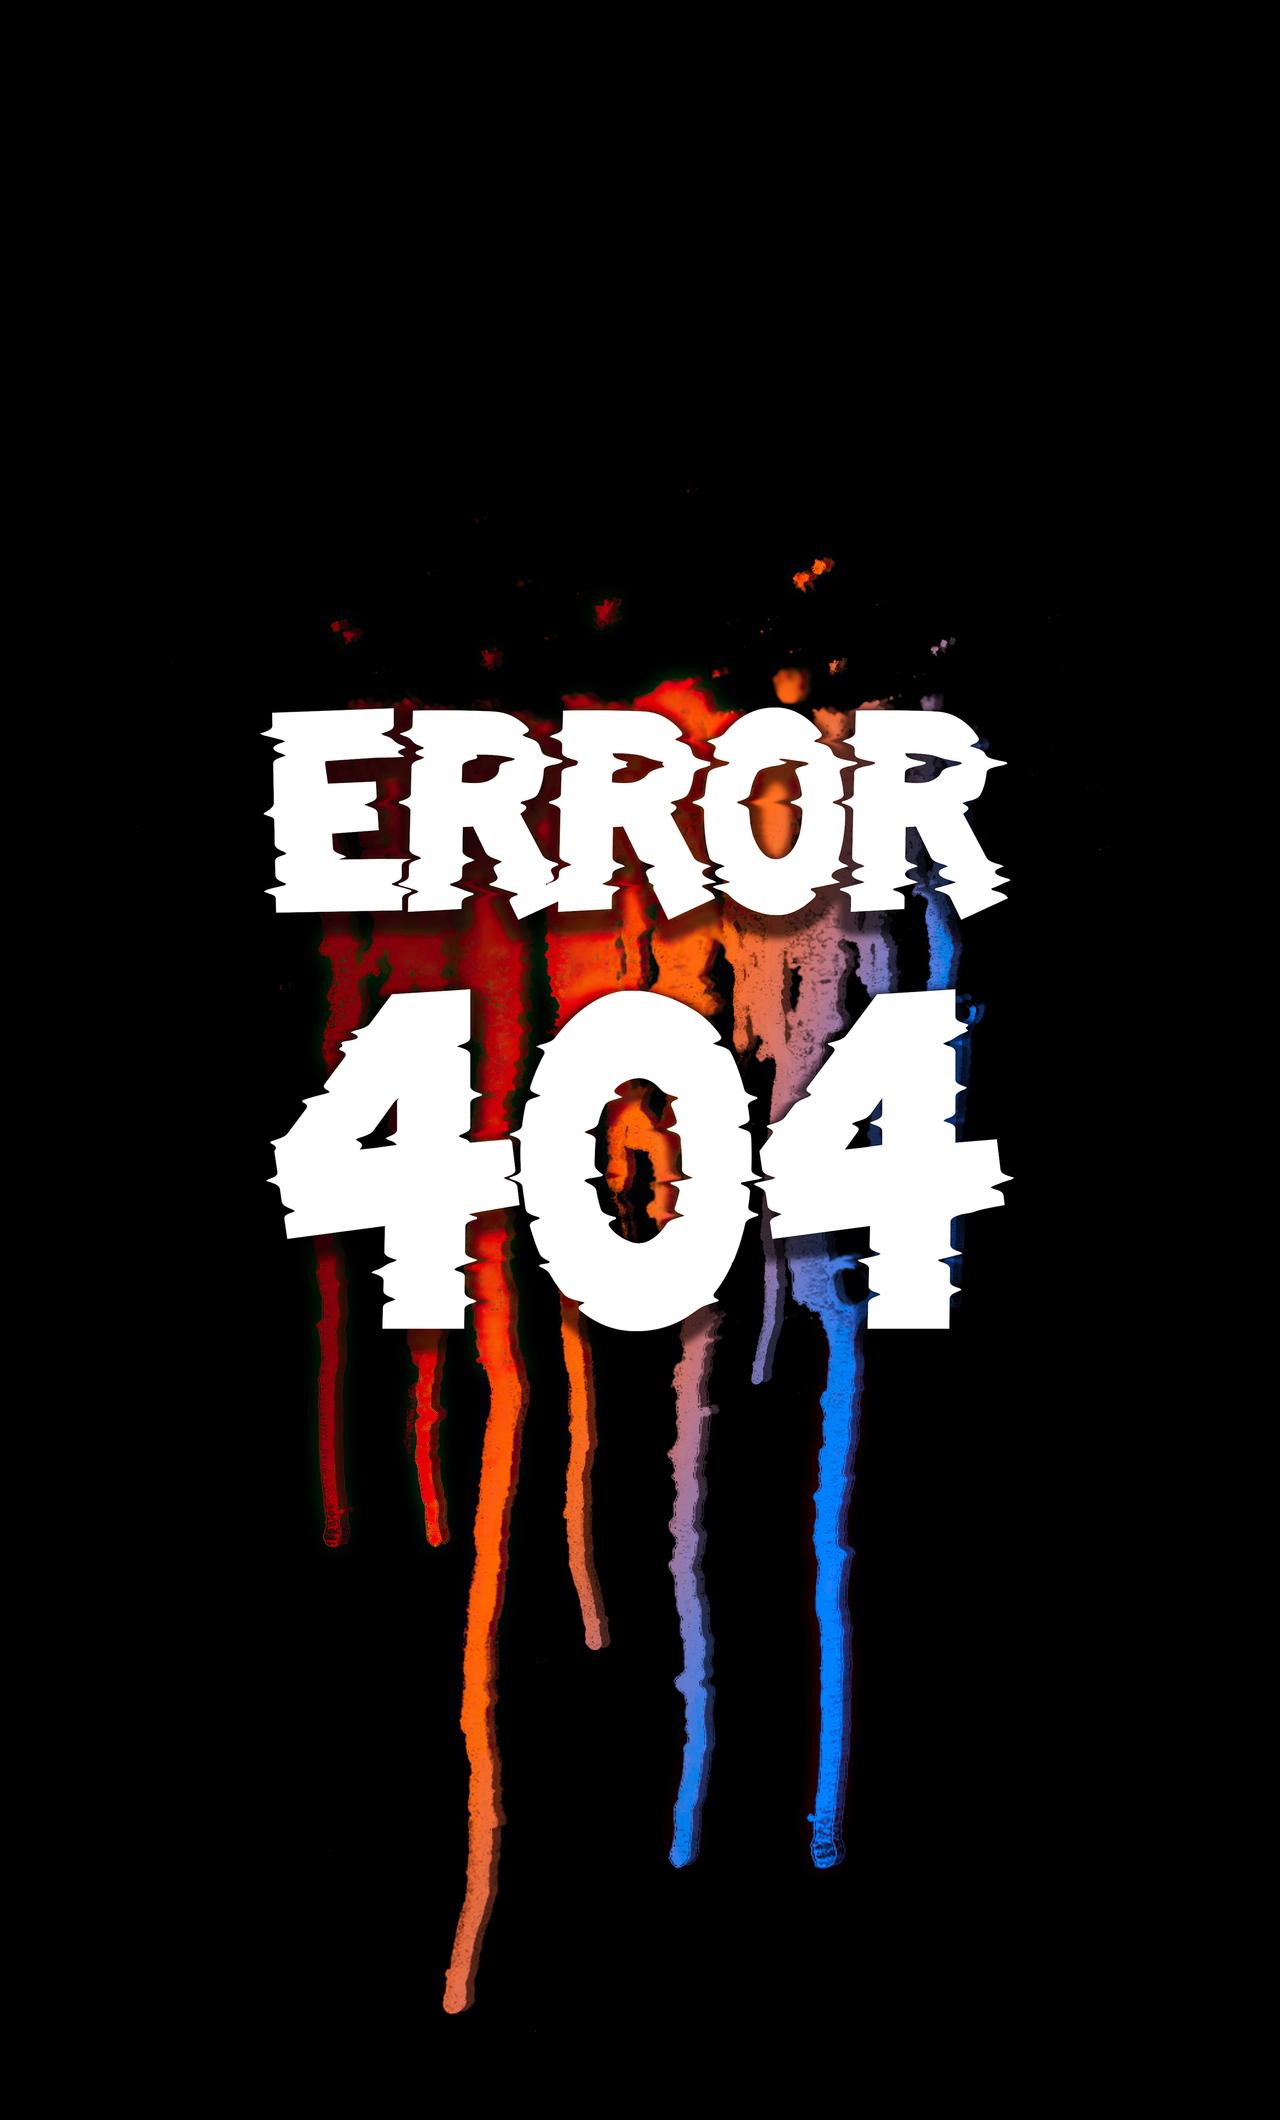 error-404-page-3k.jpg